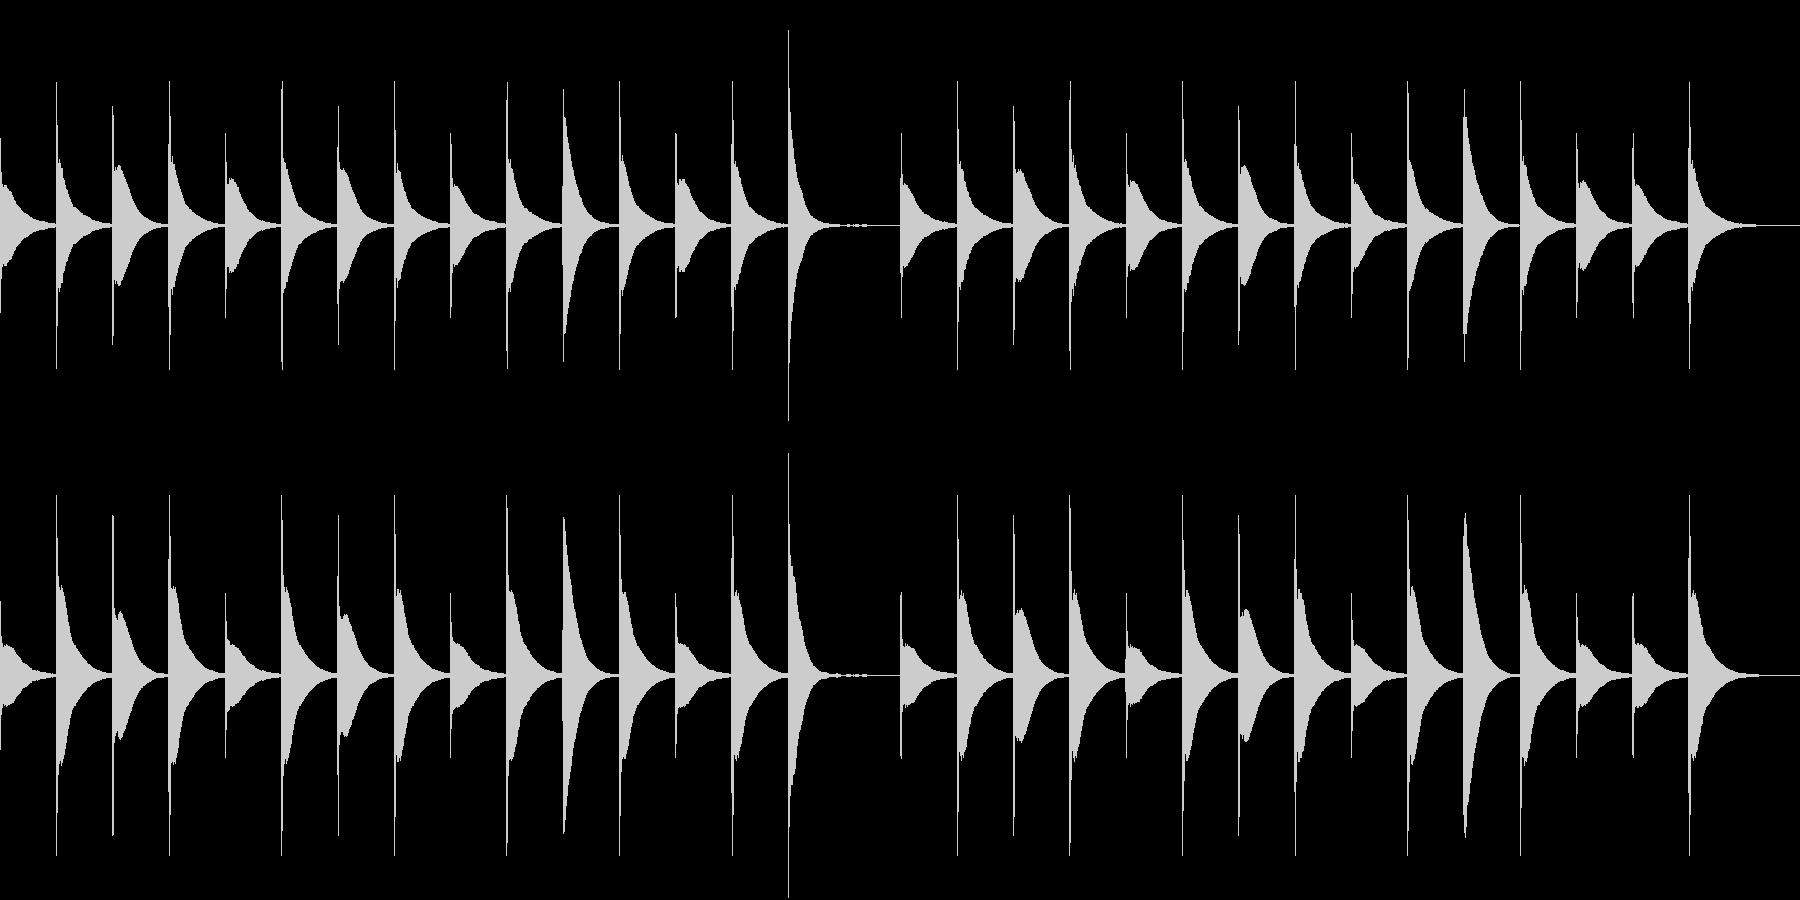 Xylo まったり可愛いベビー向けBGMの未再生の波形